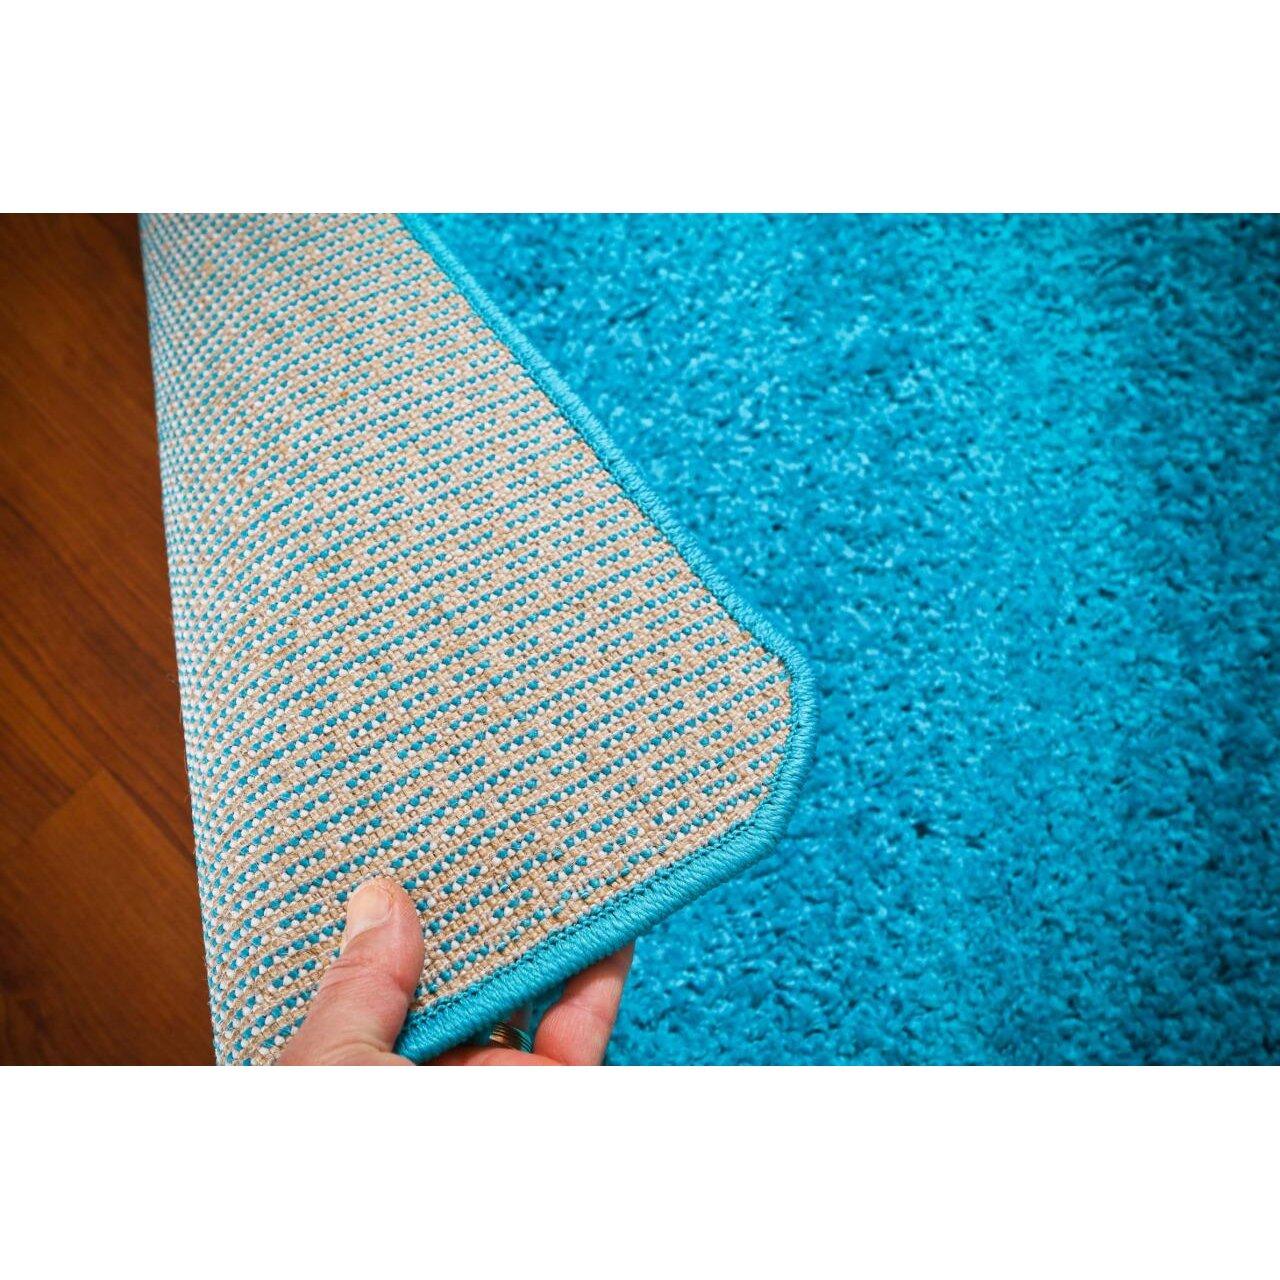 Latitude Run Bennet Turquoise Indoor Outdoor Area Rug